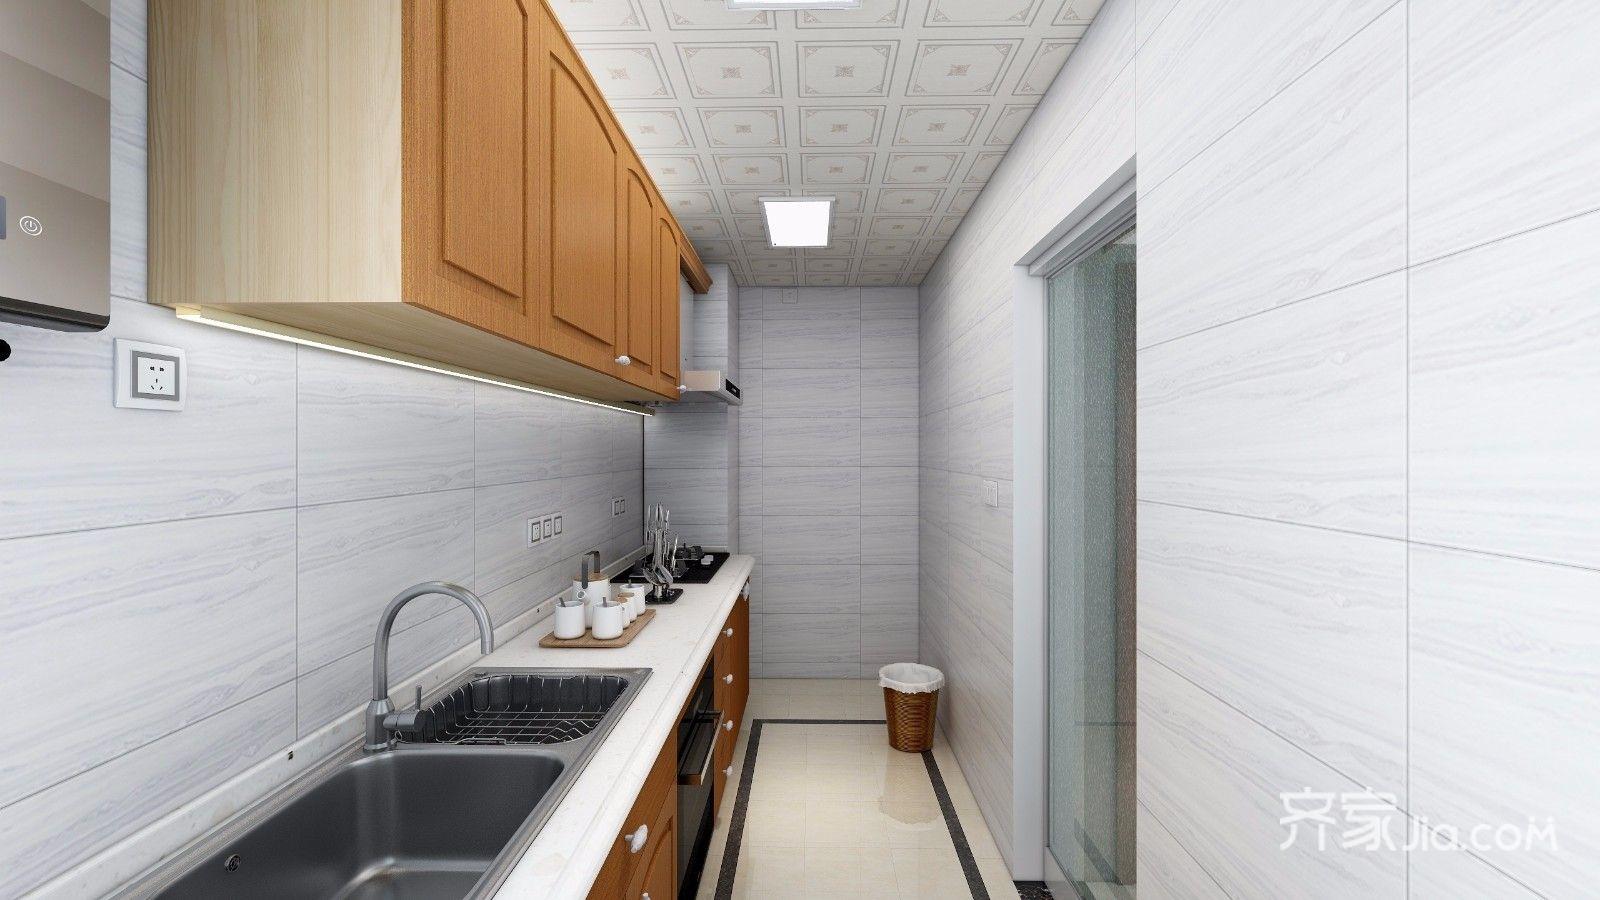 三居室简约风装修厨房设计效果图